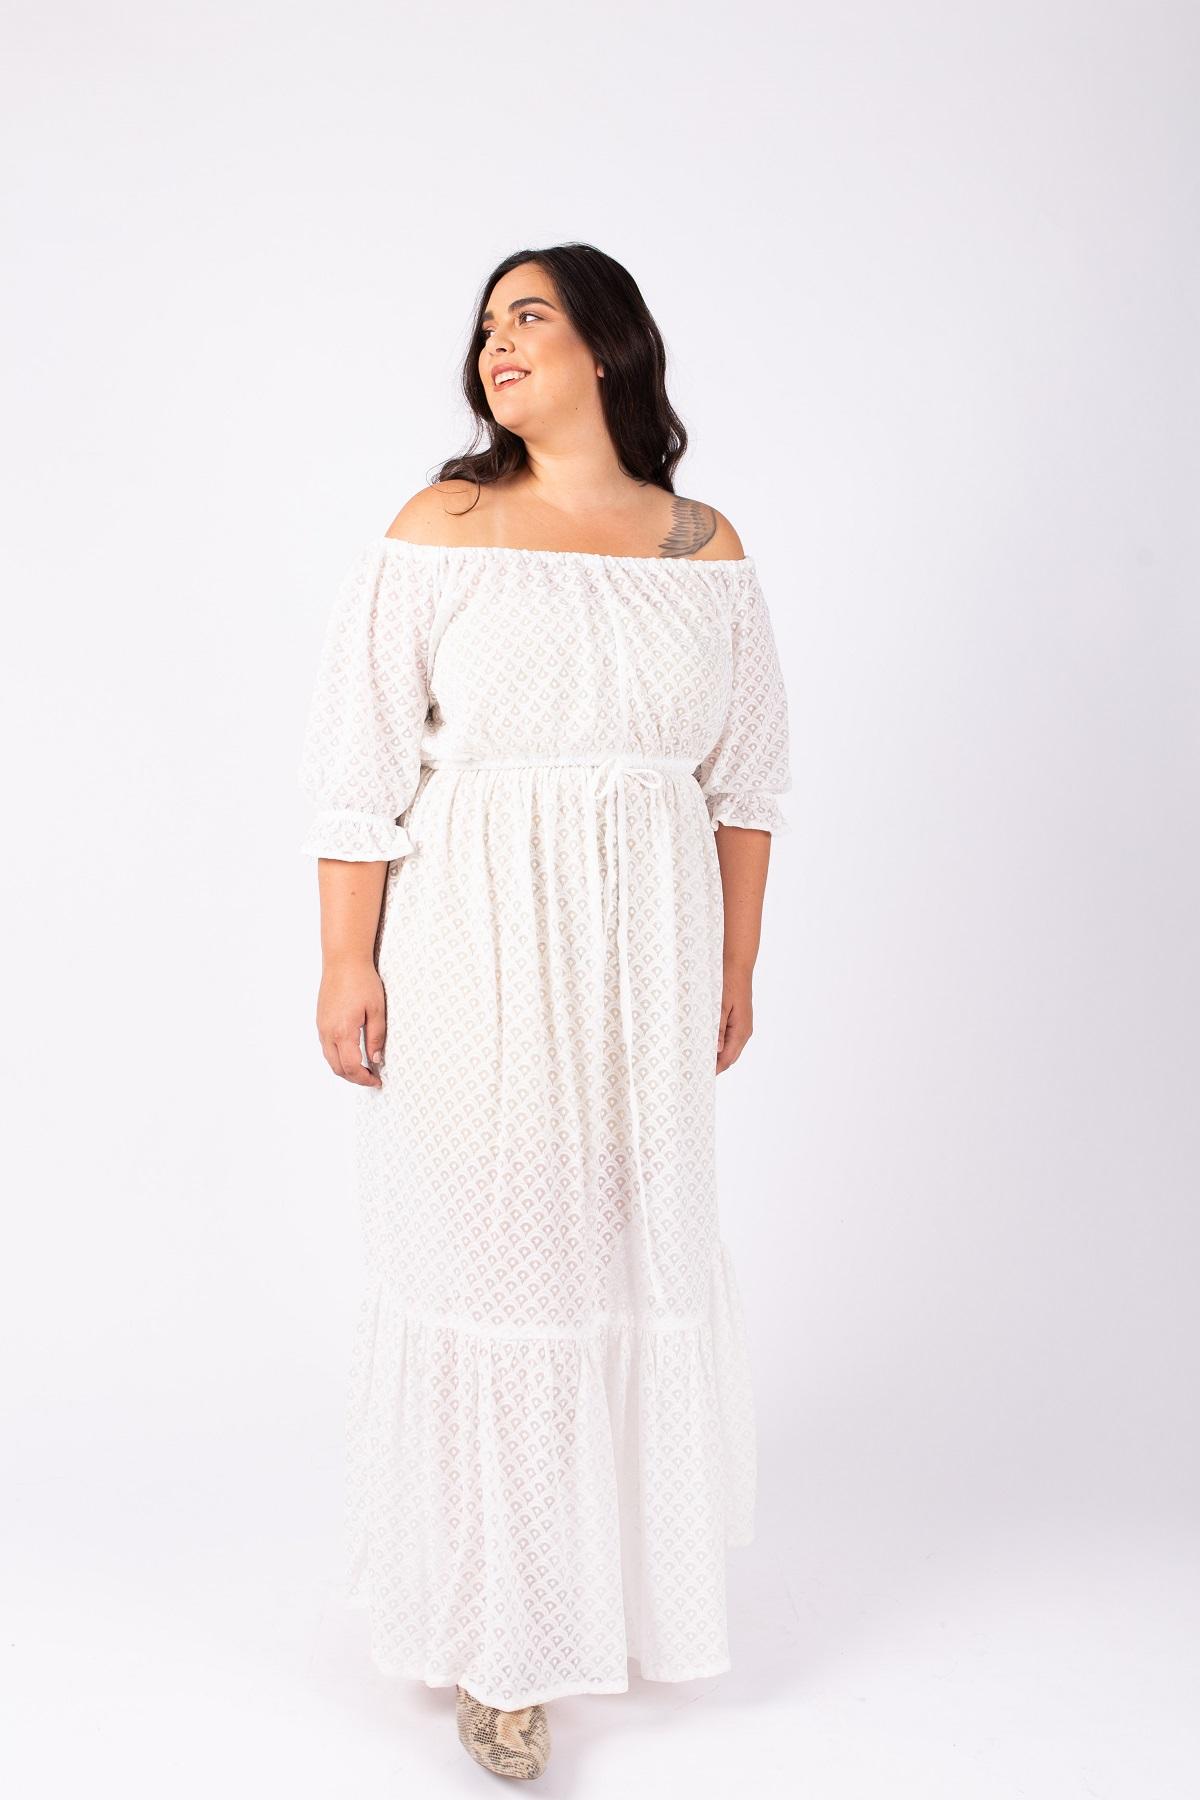 שמלת ג'יזל לבנה